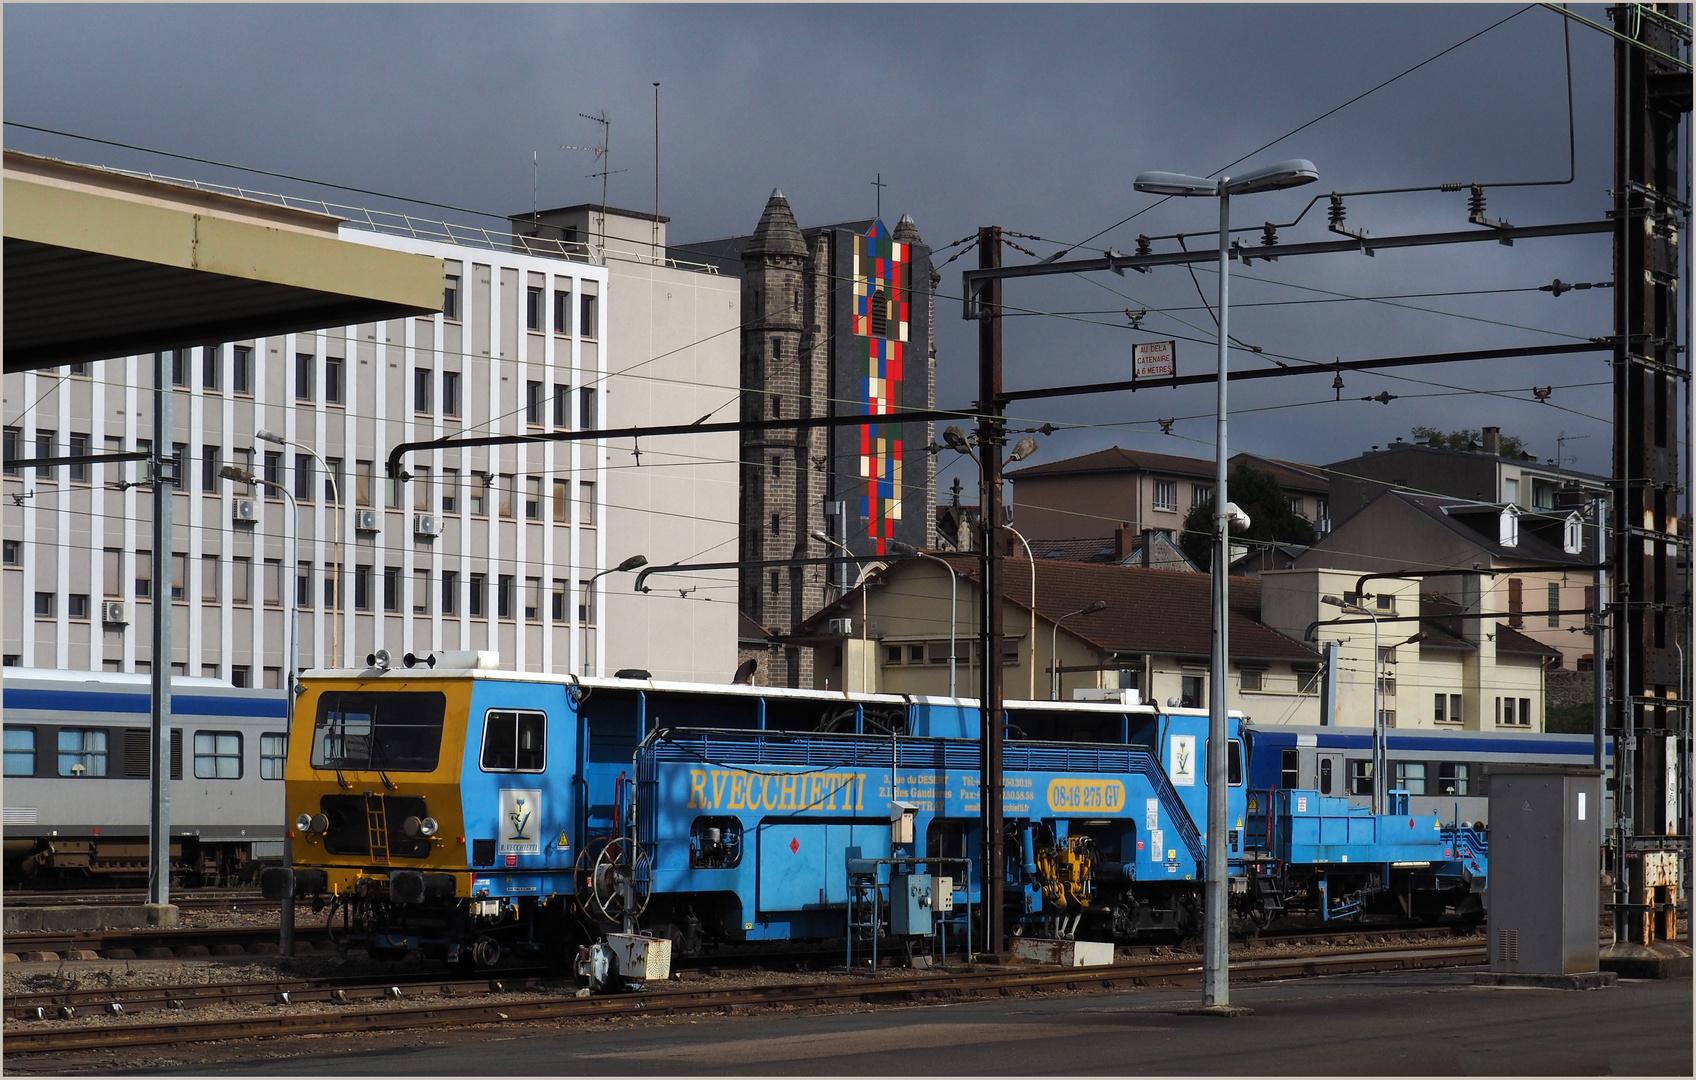 Bourreuse Vecchietti en gare de Limoges